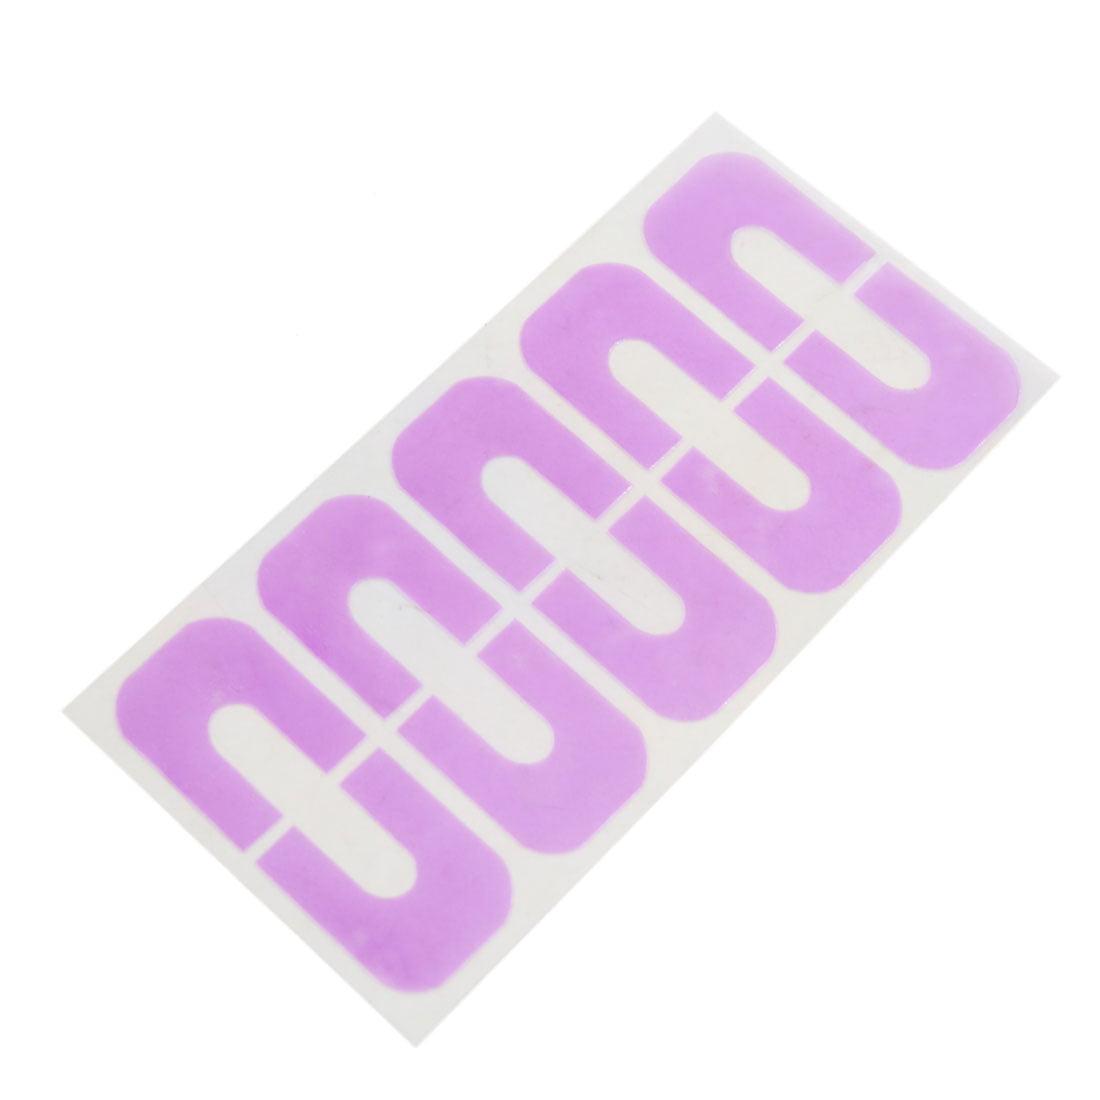 10pcs Light Purple Nail Polish Spill-Resistant Stencil Manicure Tape - image 1 de 1